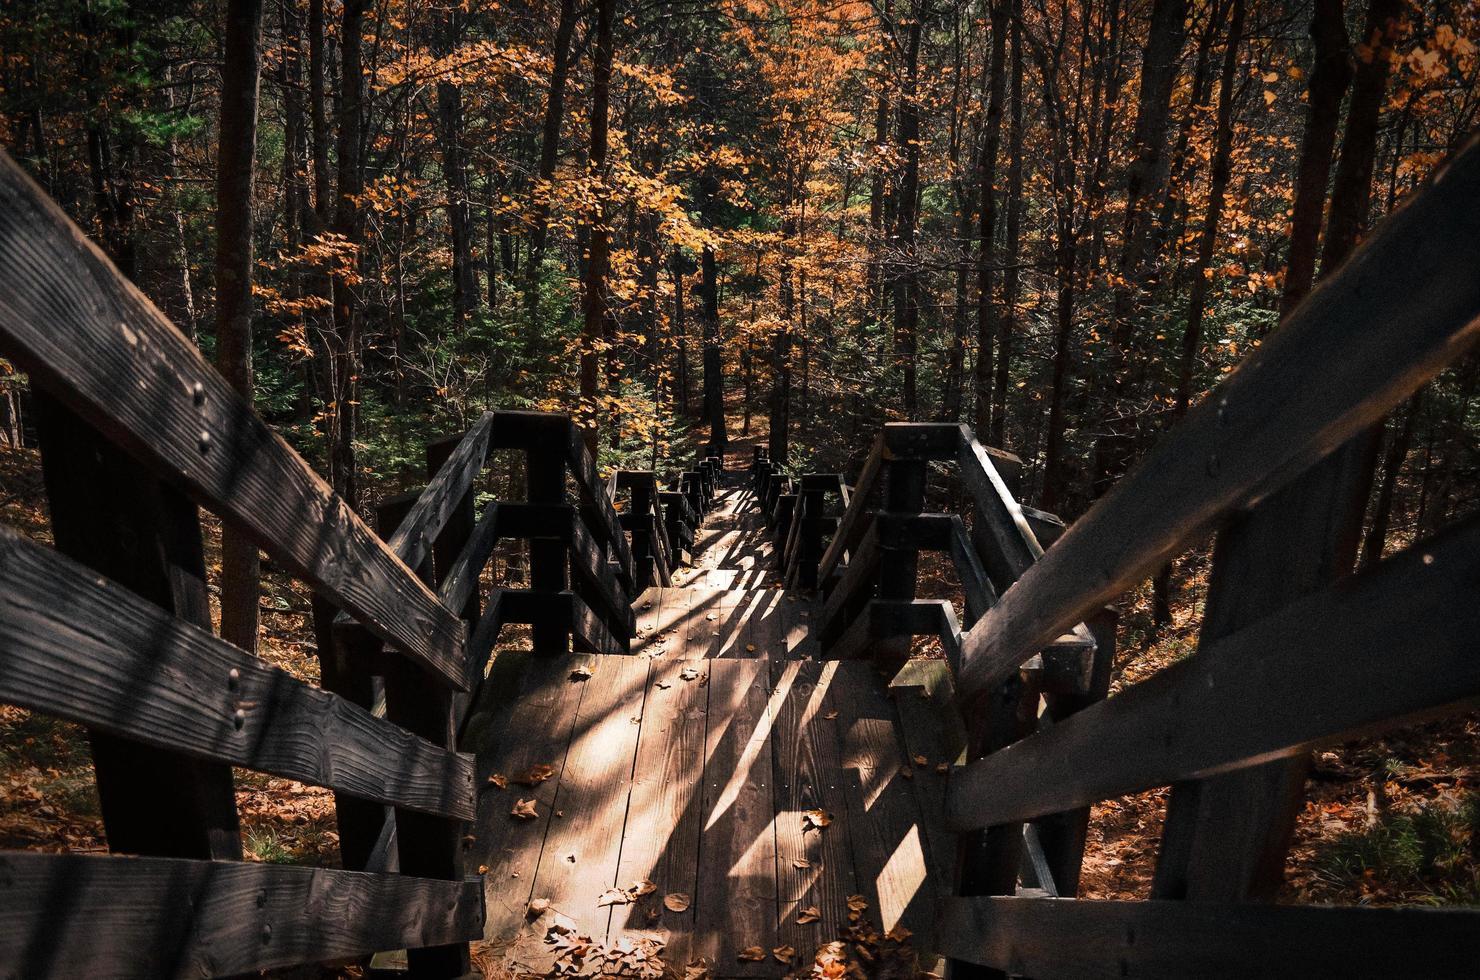 houten trap in het bos foto